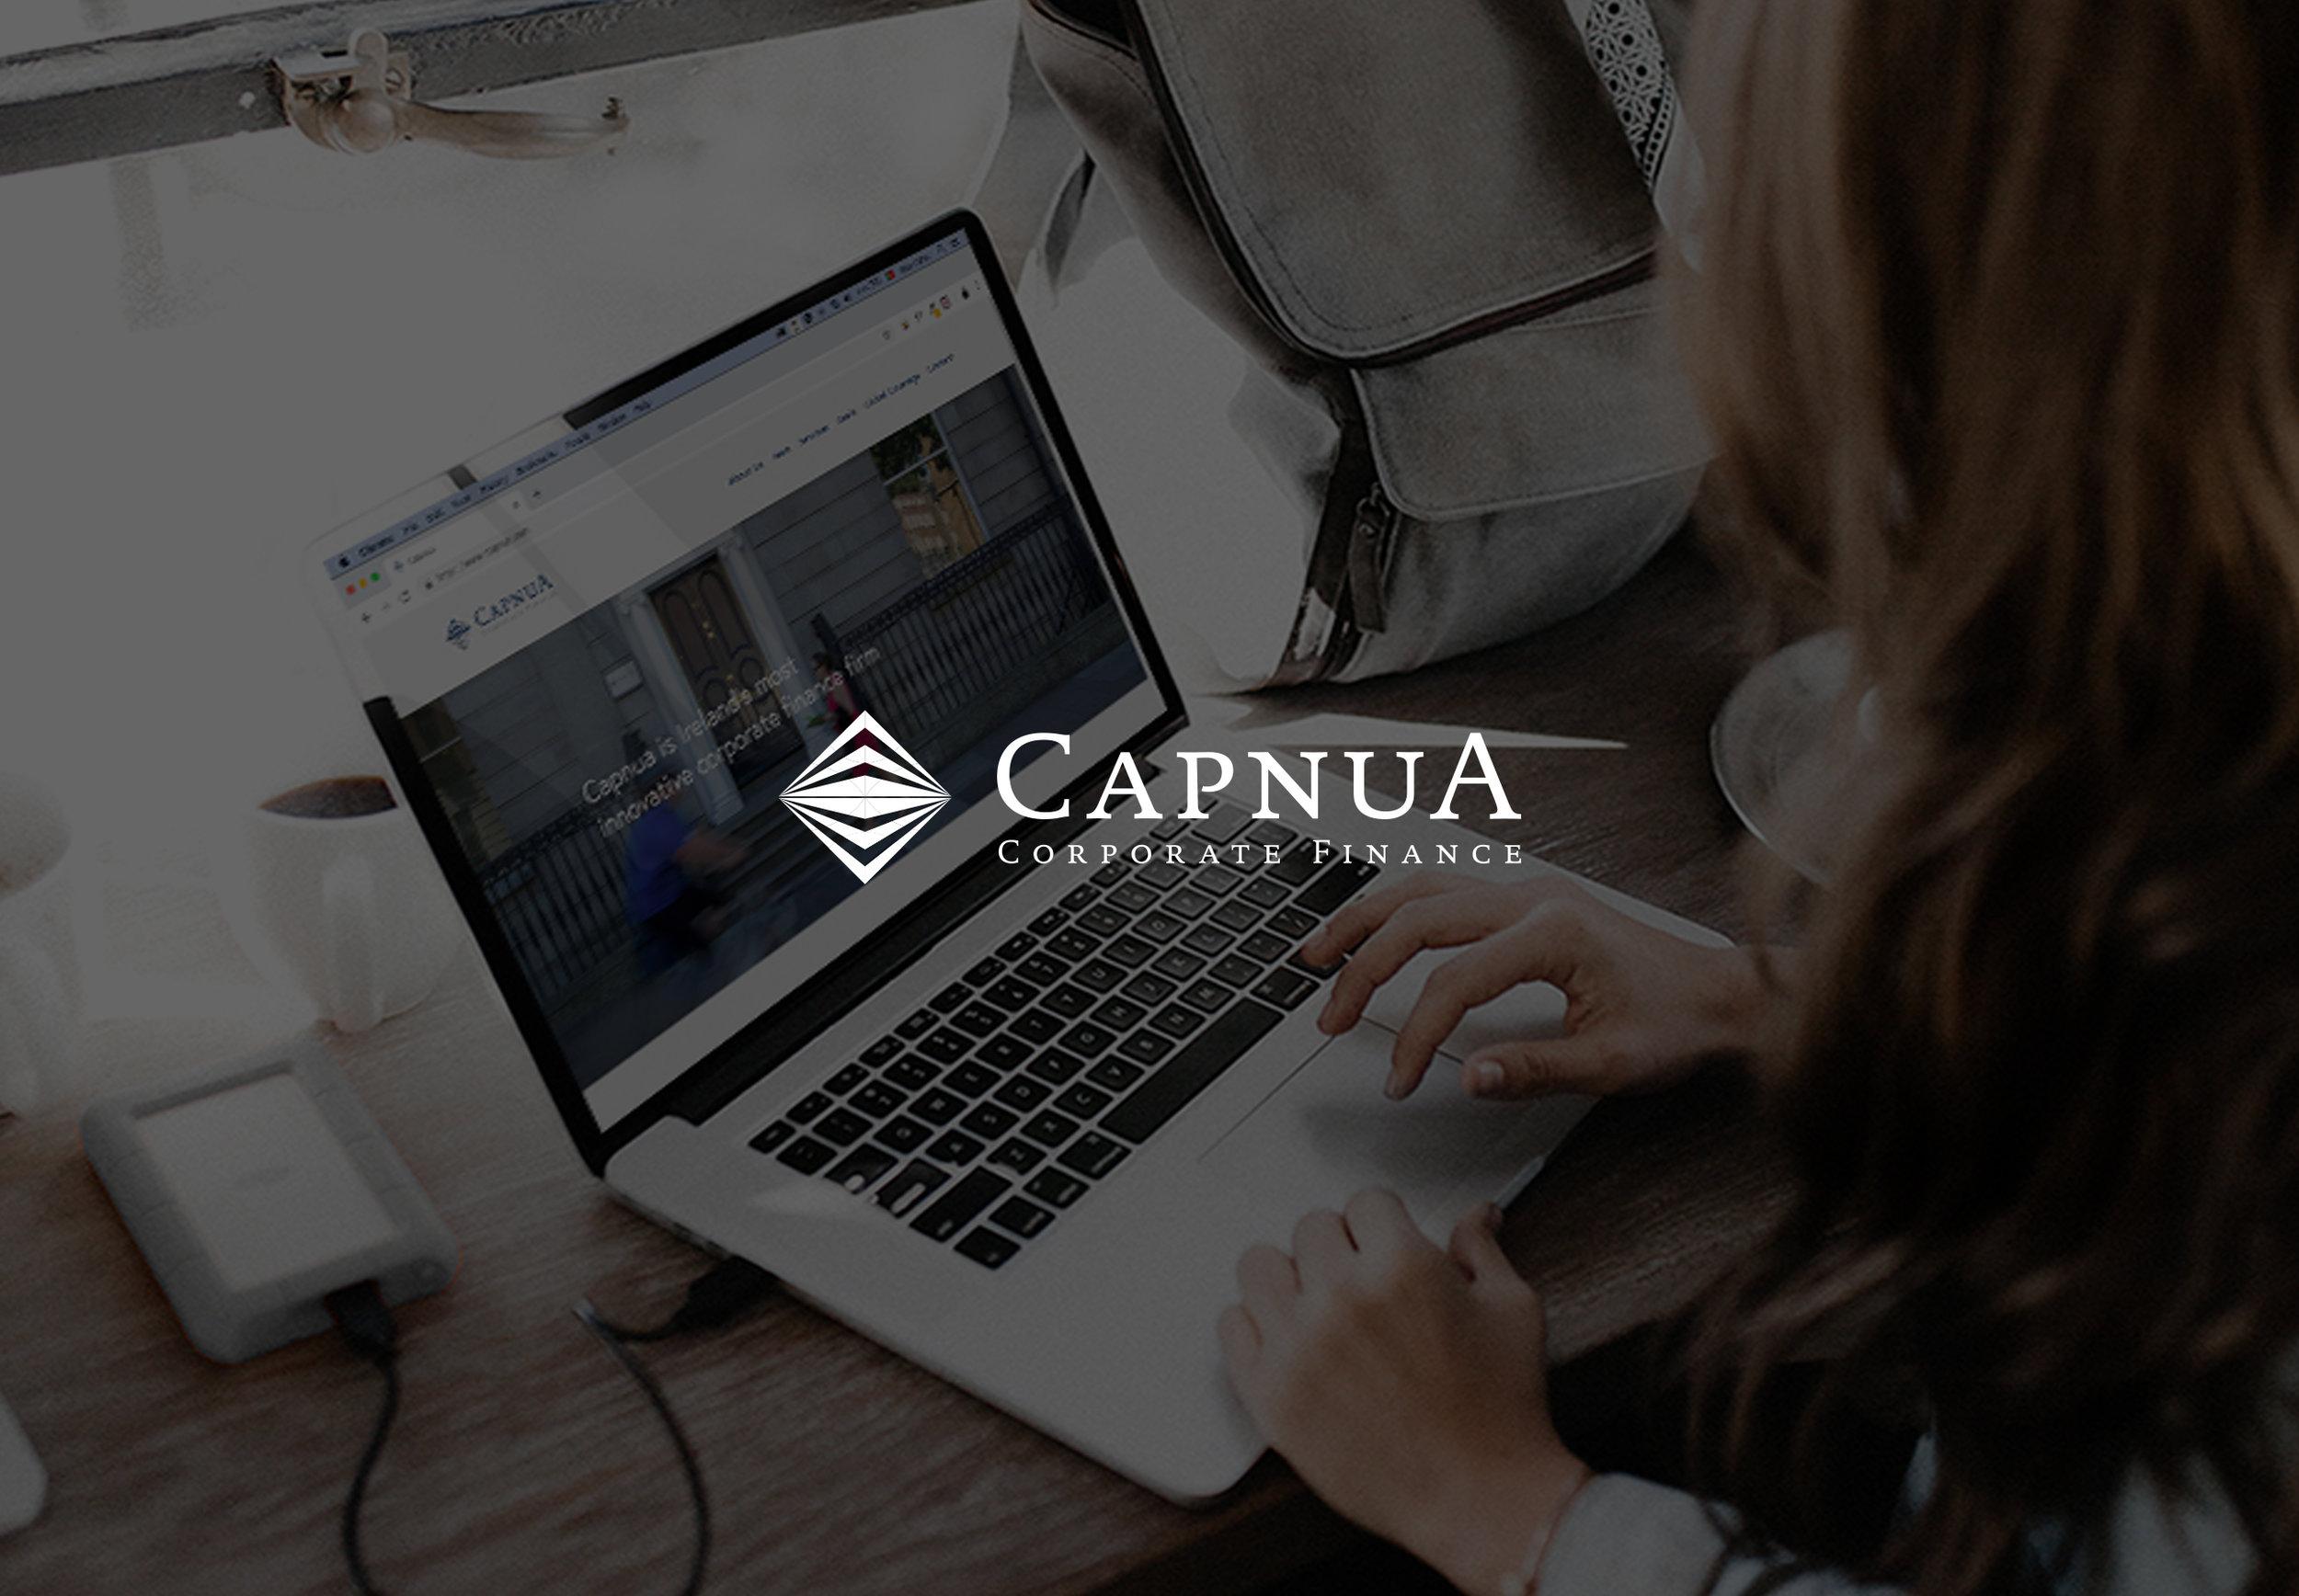 capnua-header.jpg